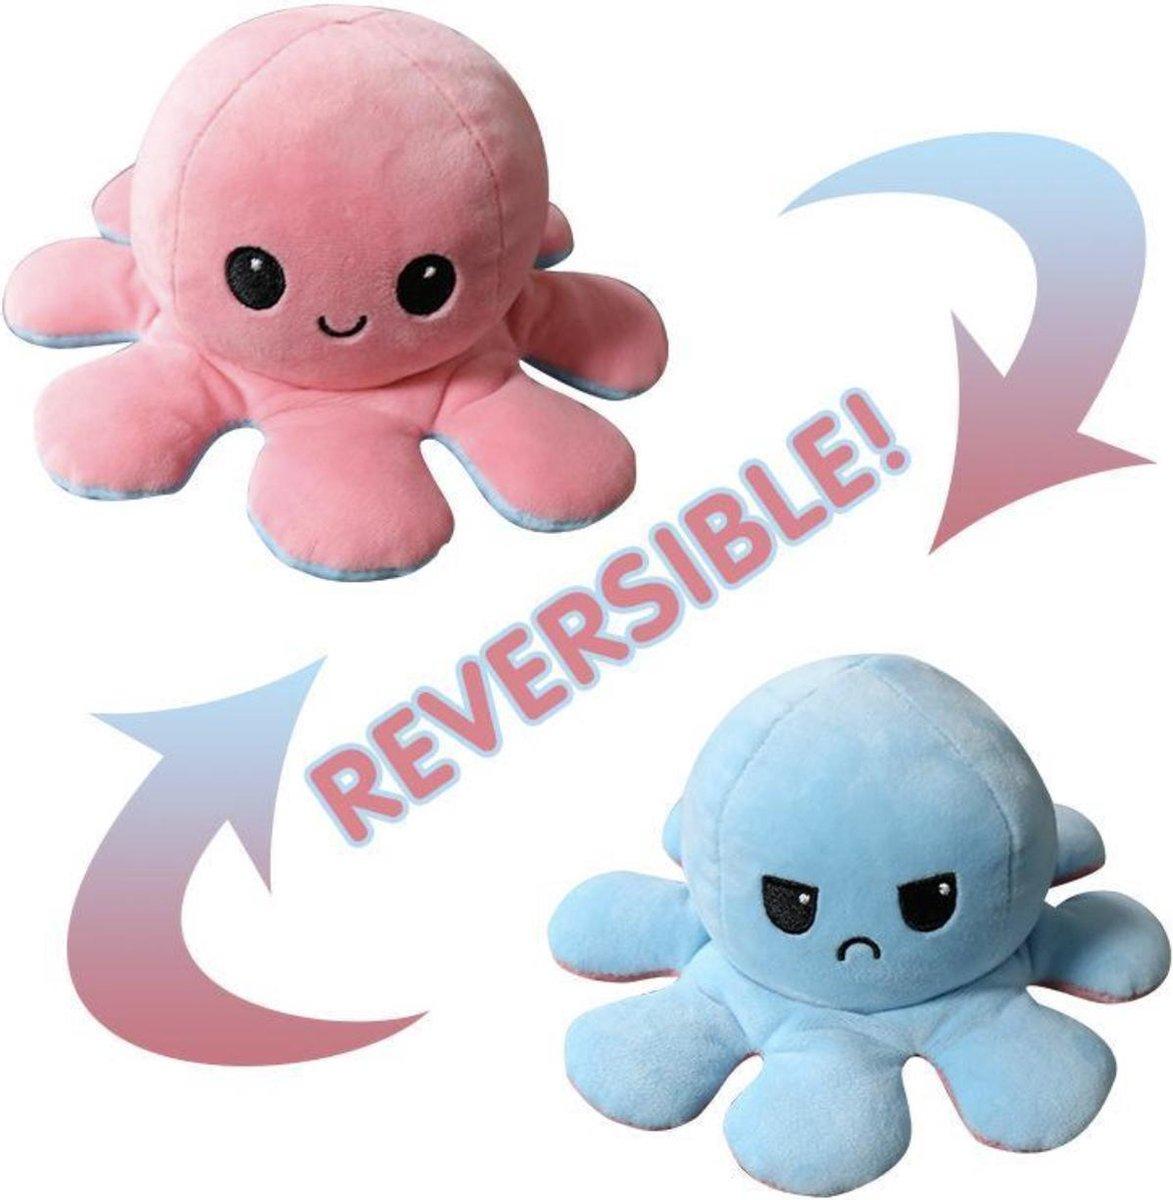 Lilly's & Billy's® Knuffel Octopus Roze/Blauw  - Mood Knuffel Omkeerbaar - Reversible Octopus - Octo